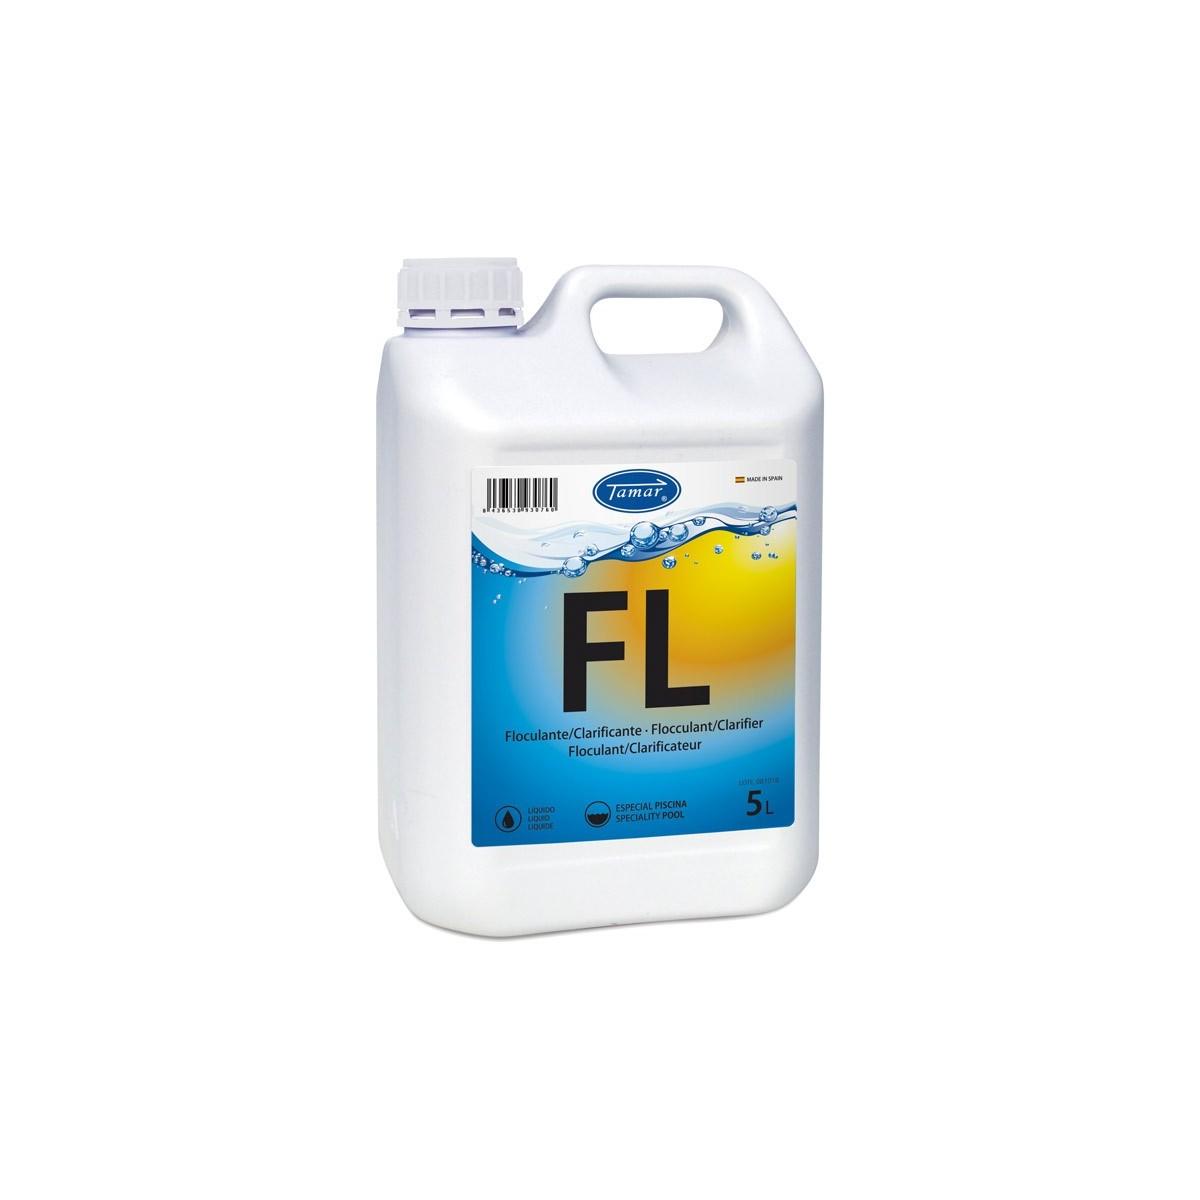 Floculante piscinas liquido garrafa 5l